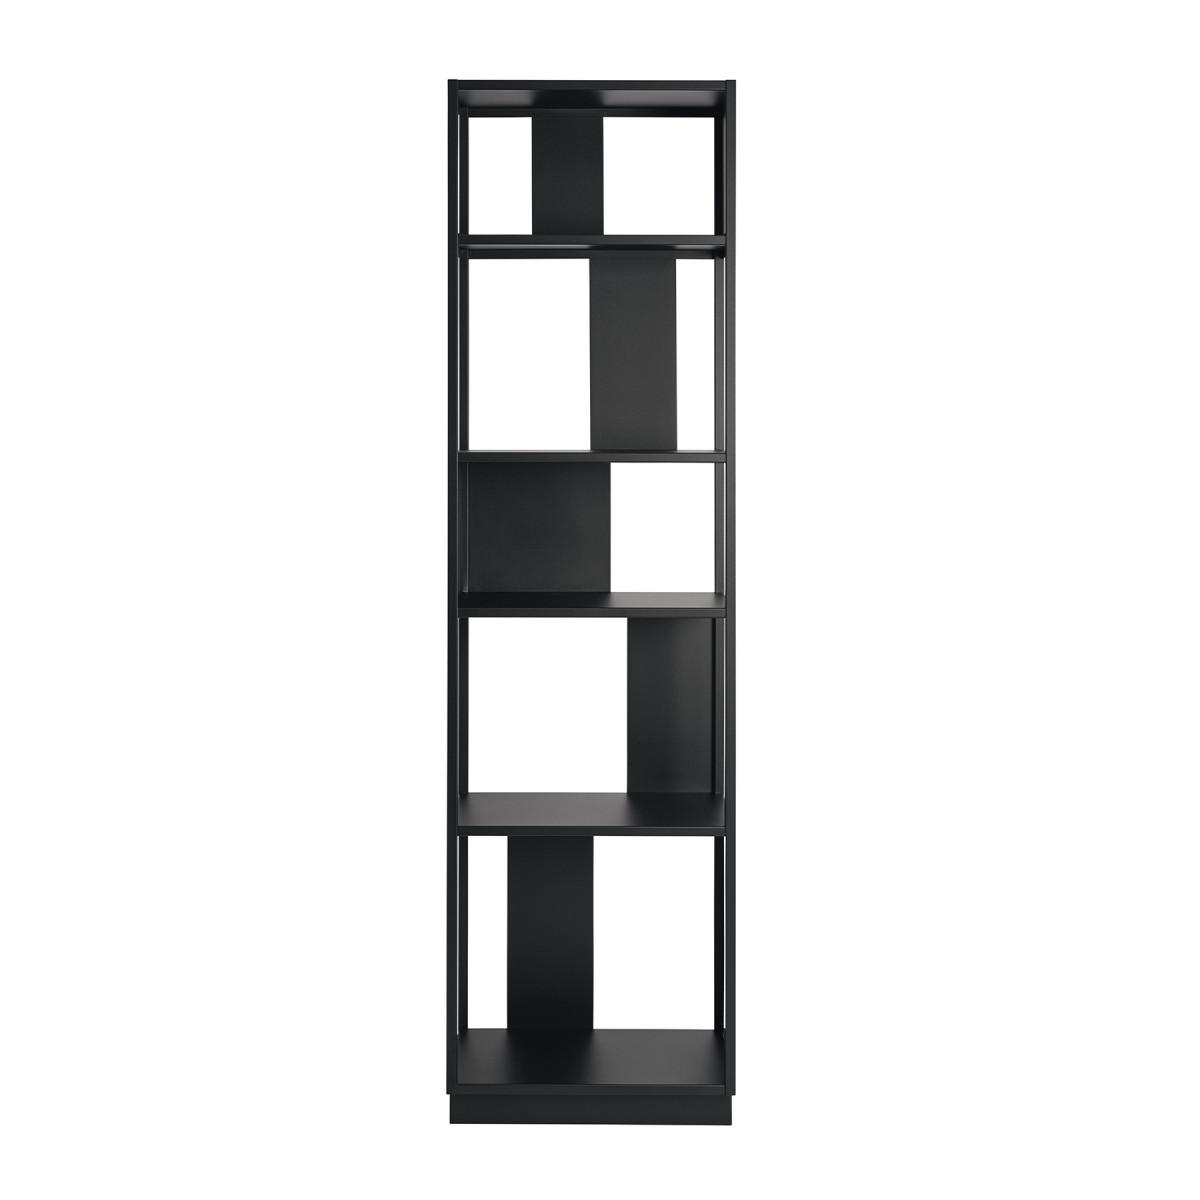 Arlequin Bookcase 55 - Résistub Productions